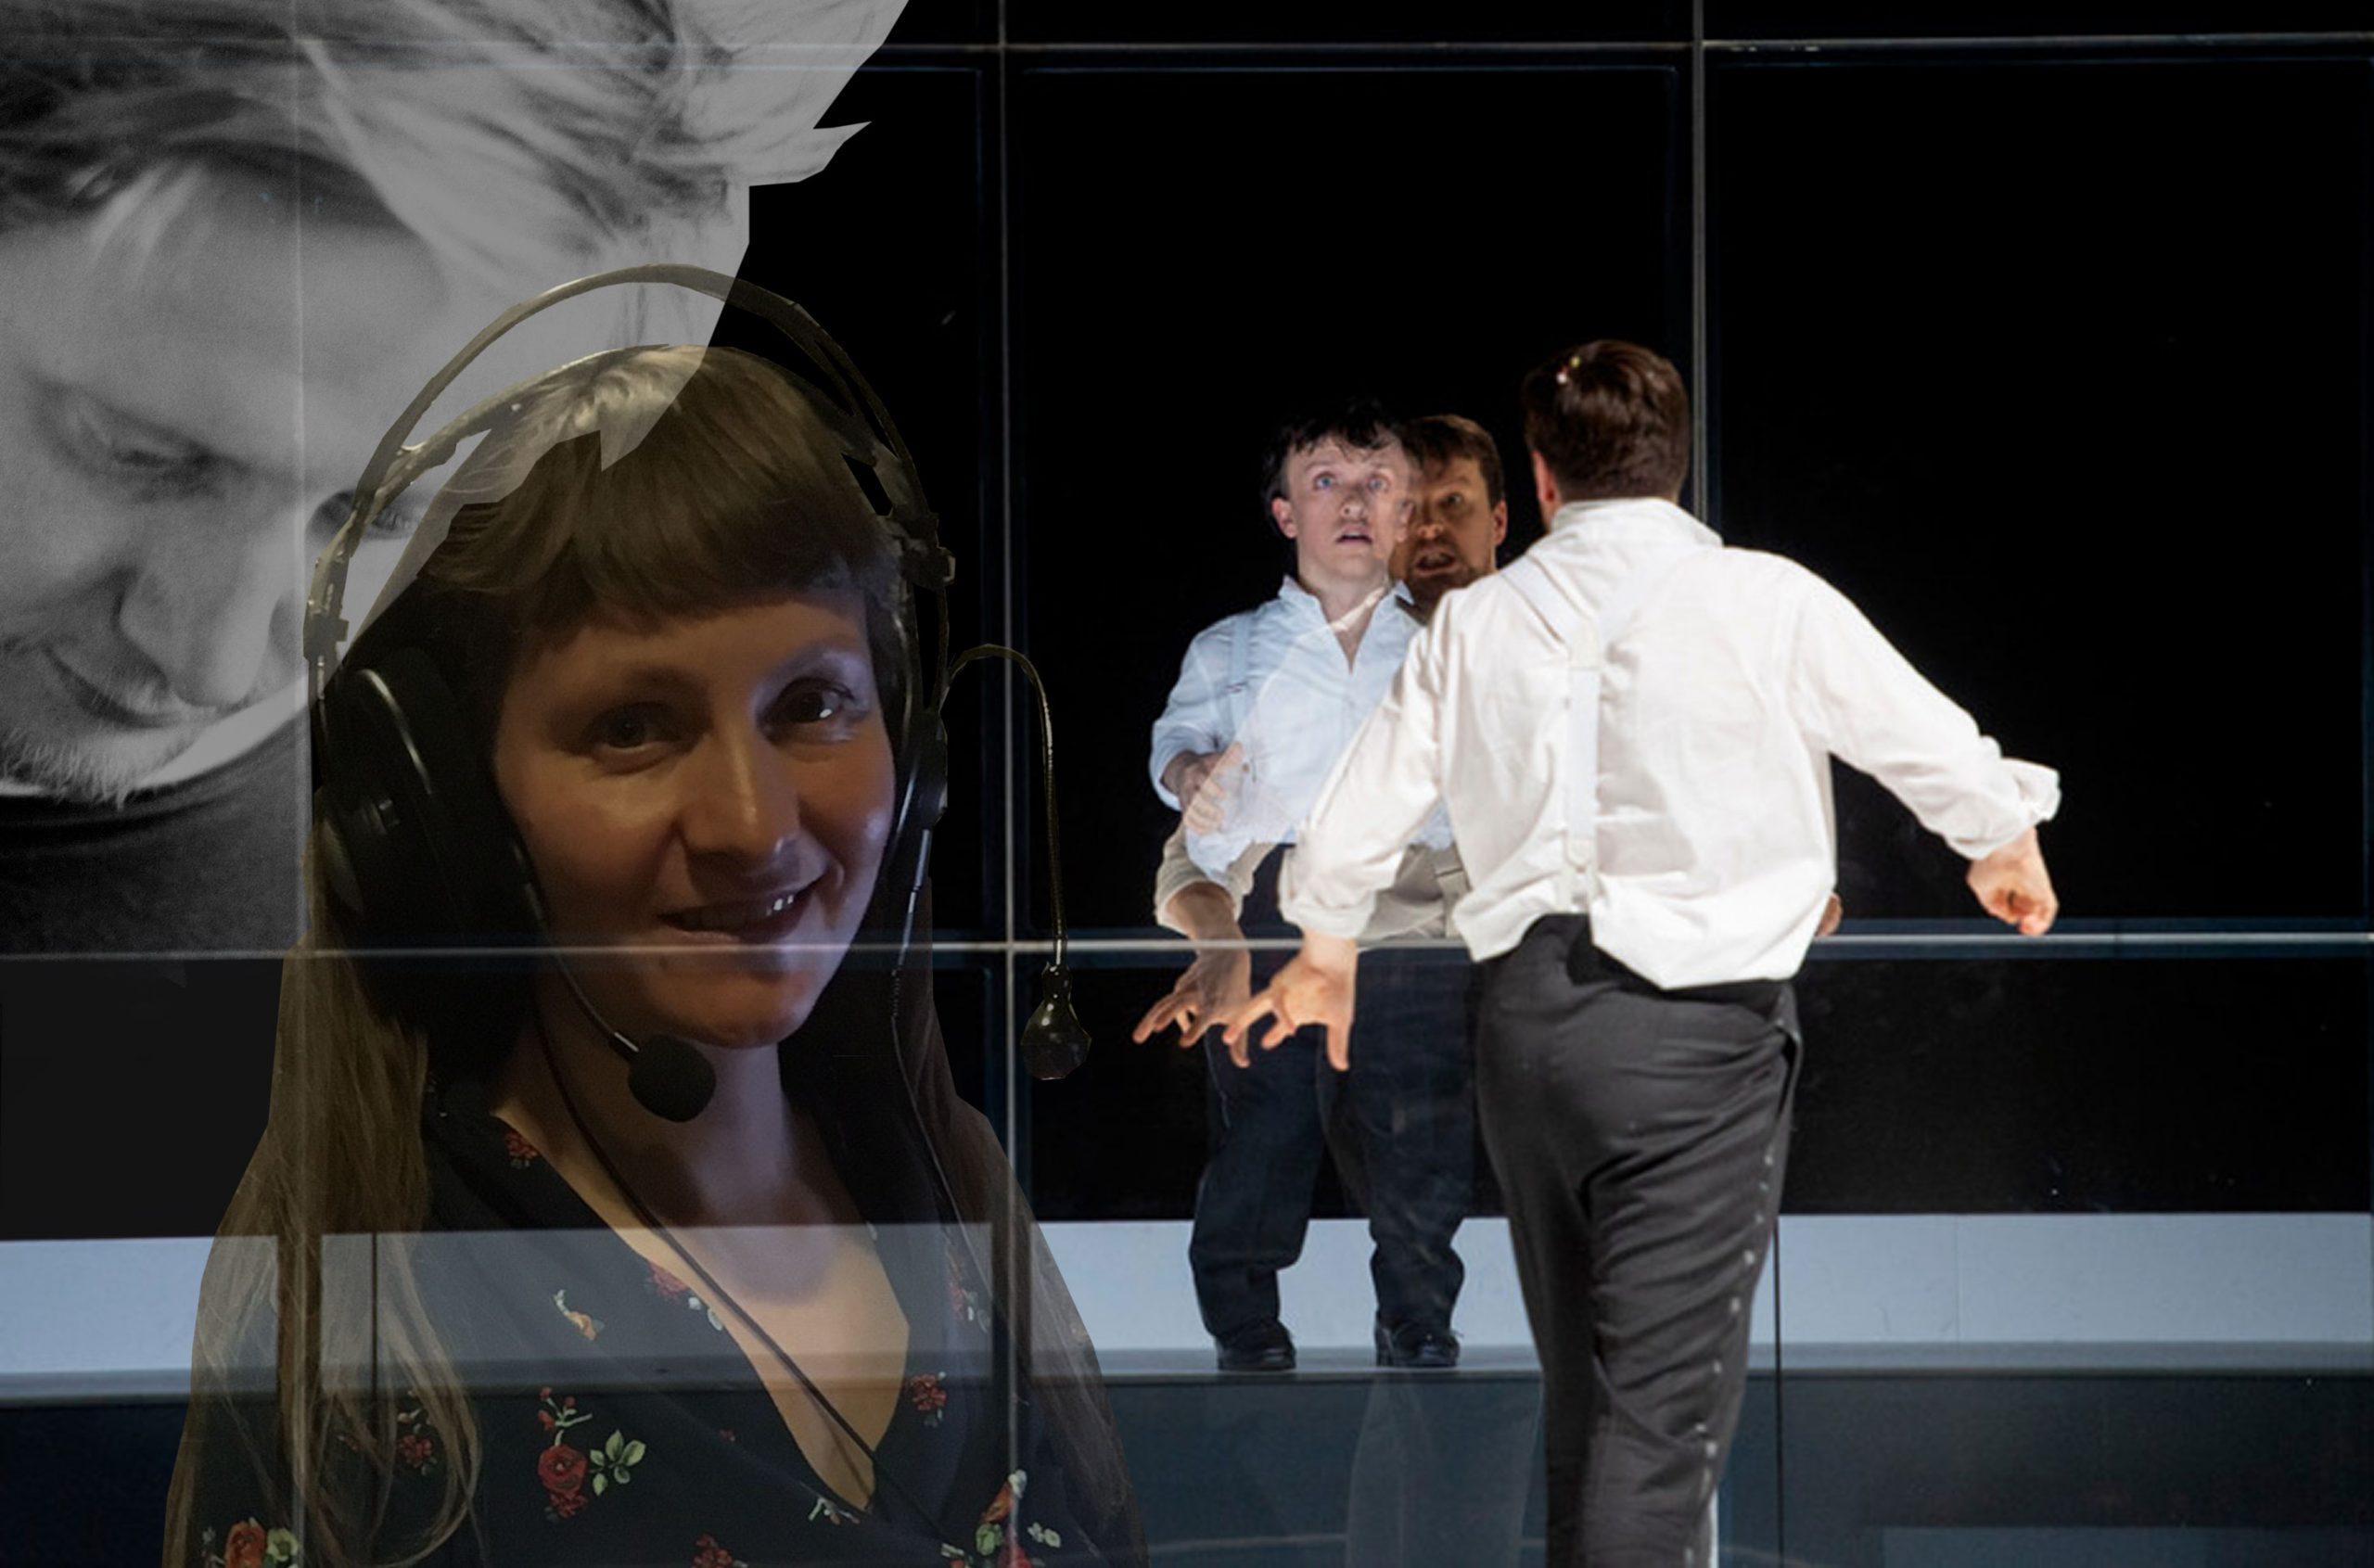 """© Christiane Reinsch. Foto-Collage von Felix Koch und Anke Nicolai vor einem Szenenbild aus """"Der Zwerg"""" der Deutschen Oper Berlin, auf dem der Darsteller sich im Spiegel betrachtet."""